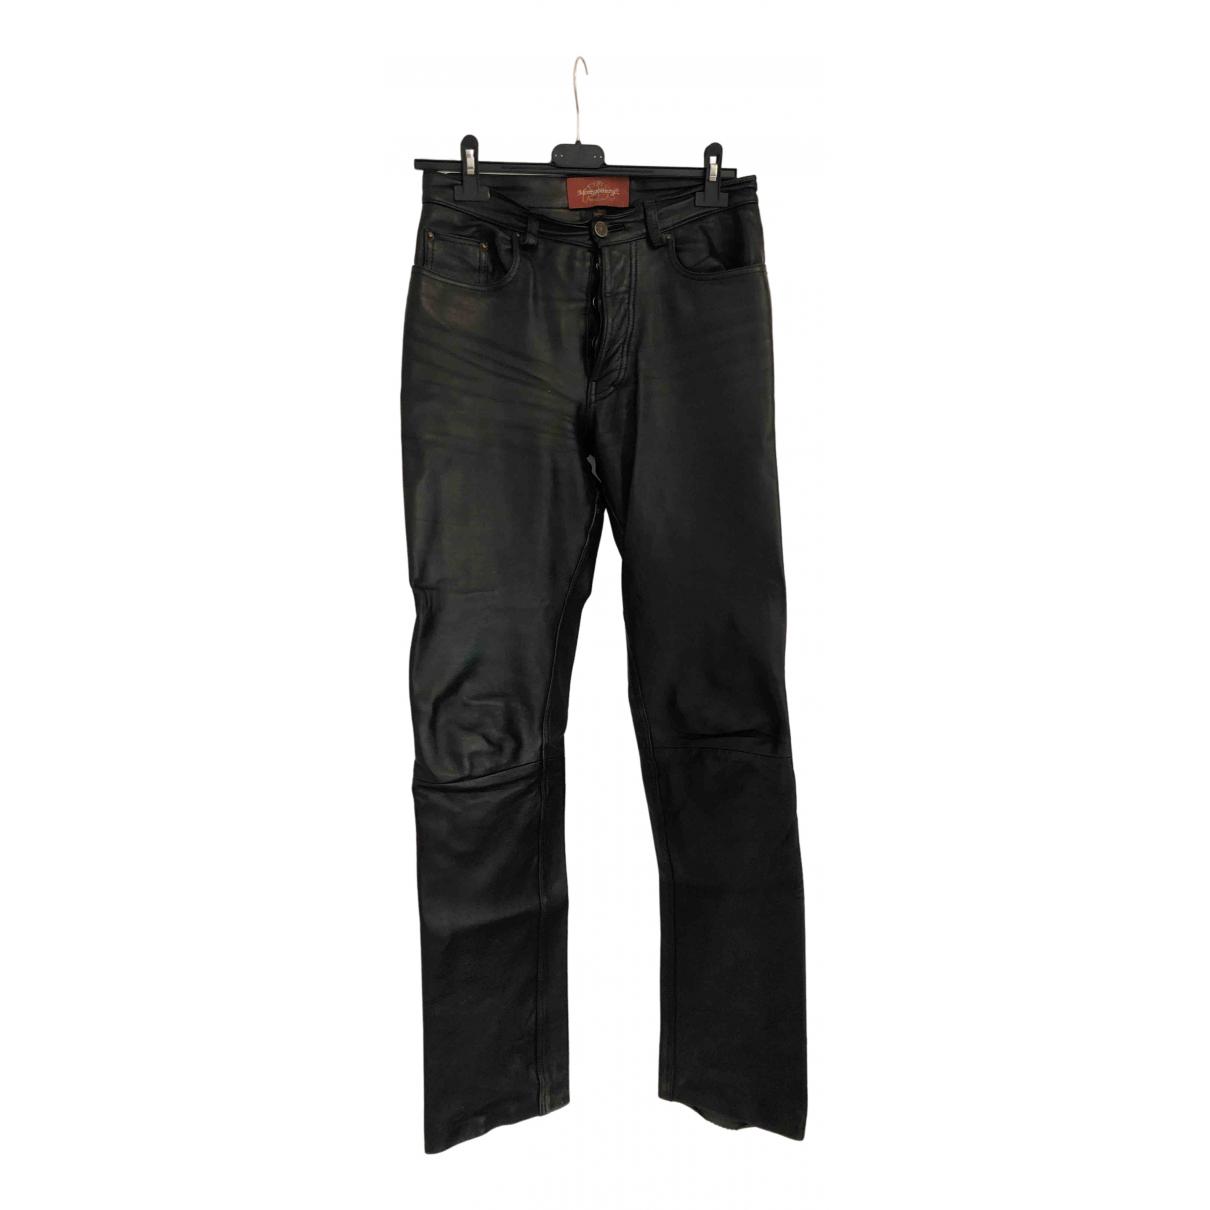 Pantalon recto de Cuero Montgomery C.p. Company